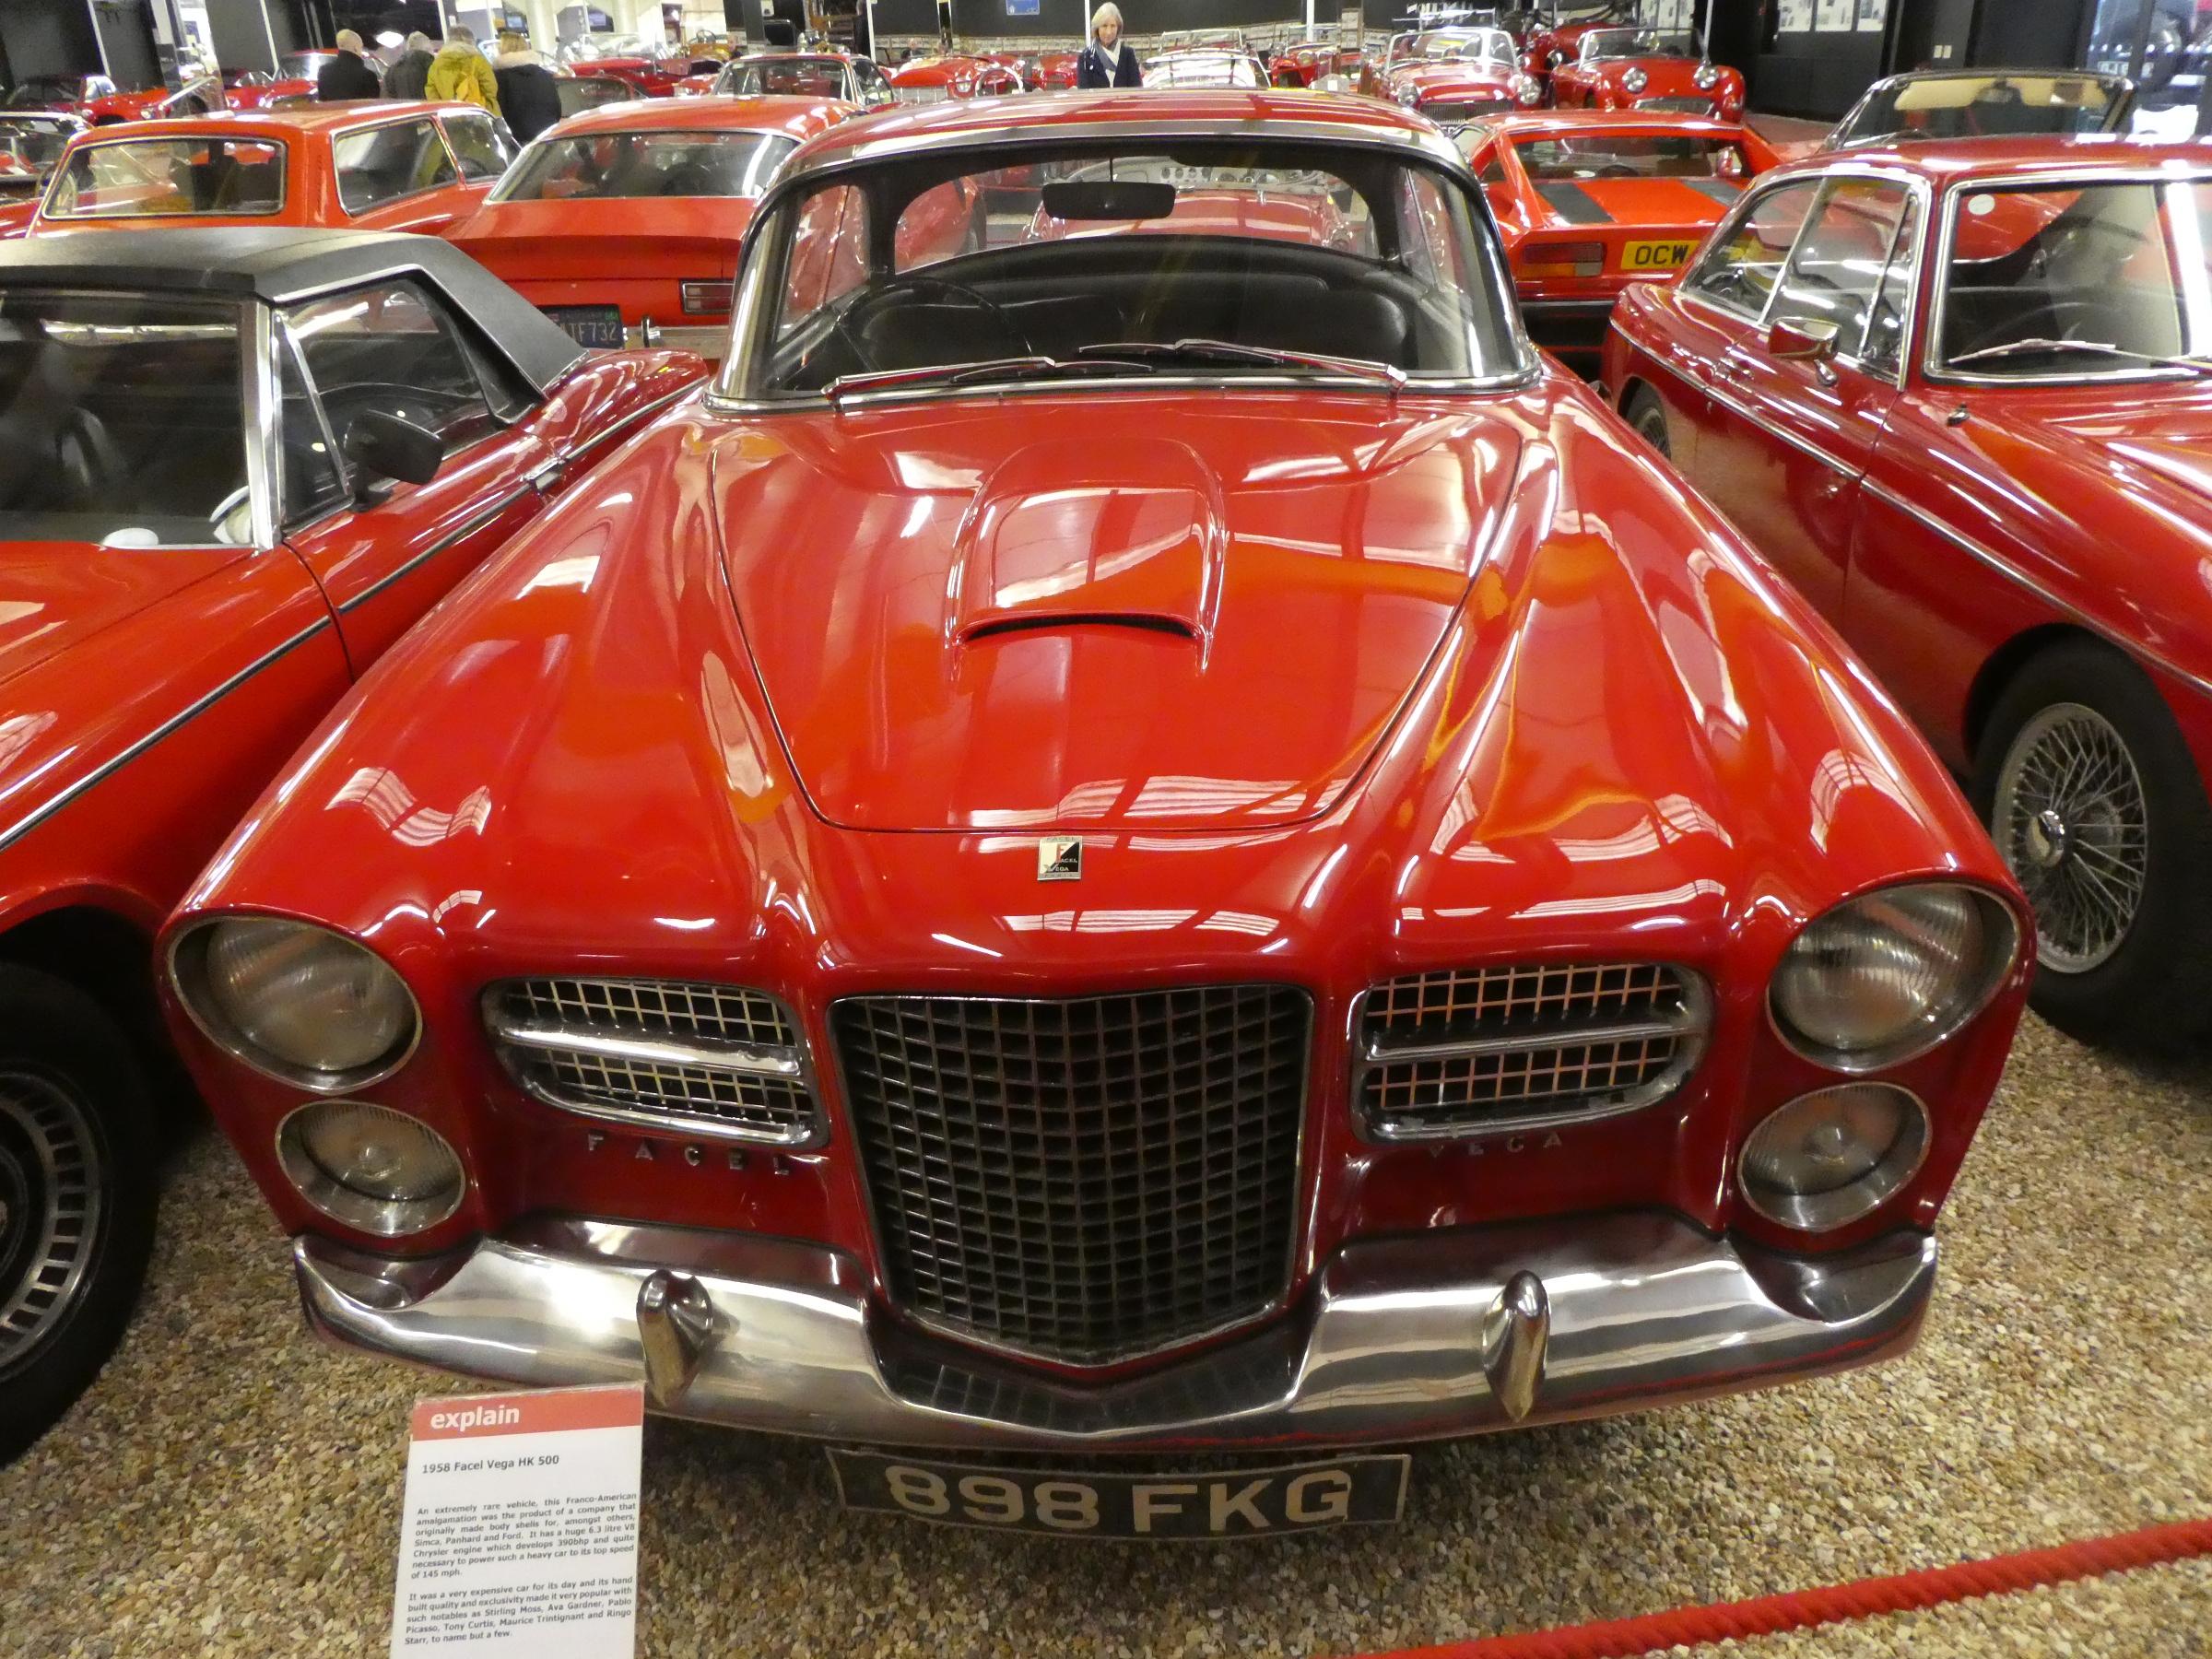 Red Room Facel Vega HK500 front